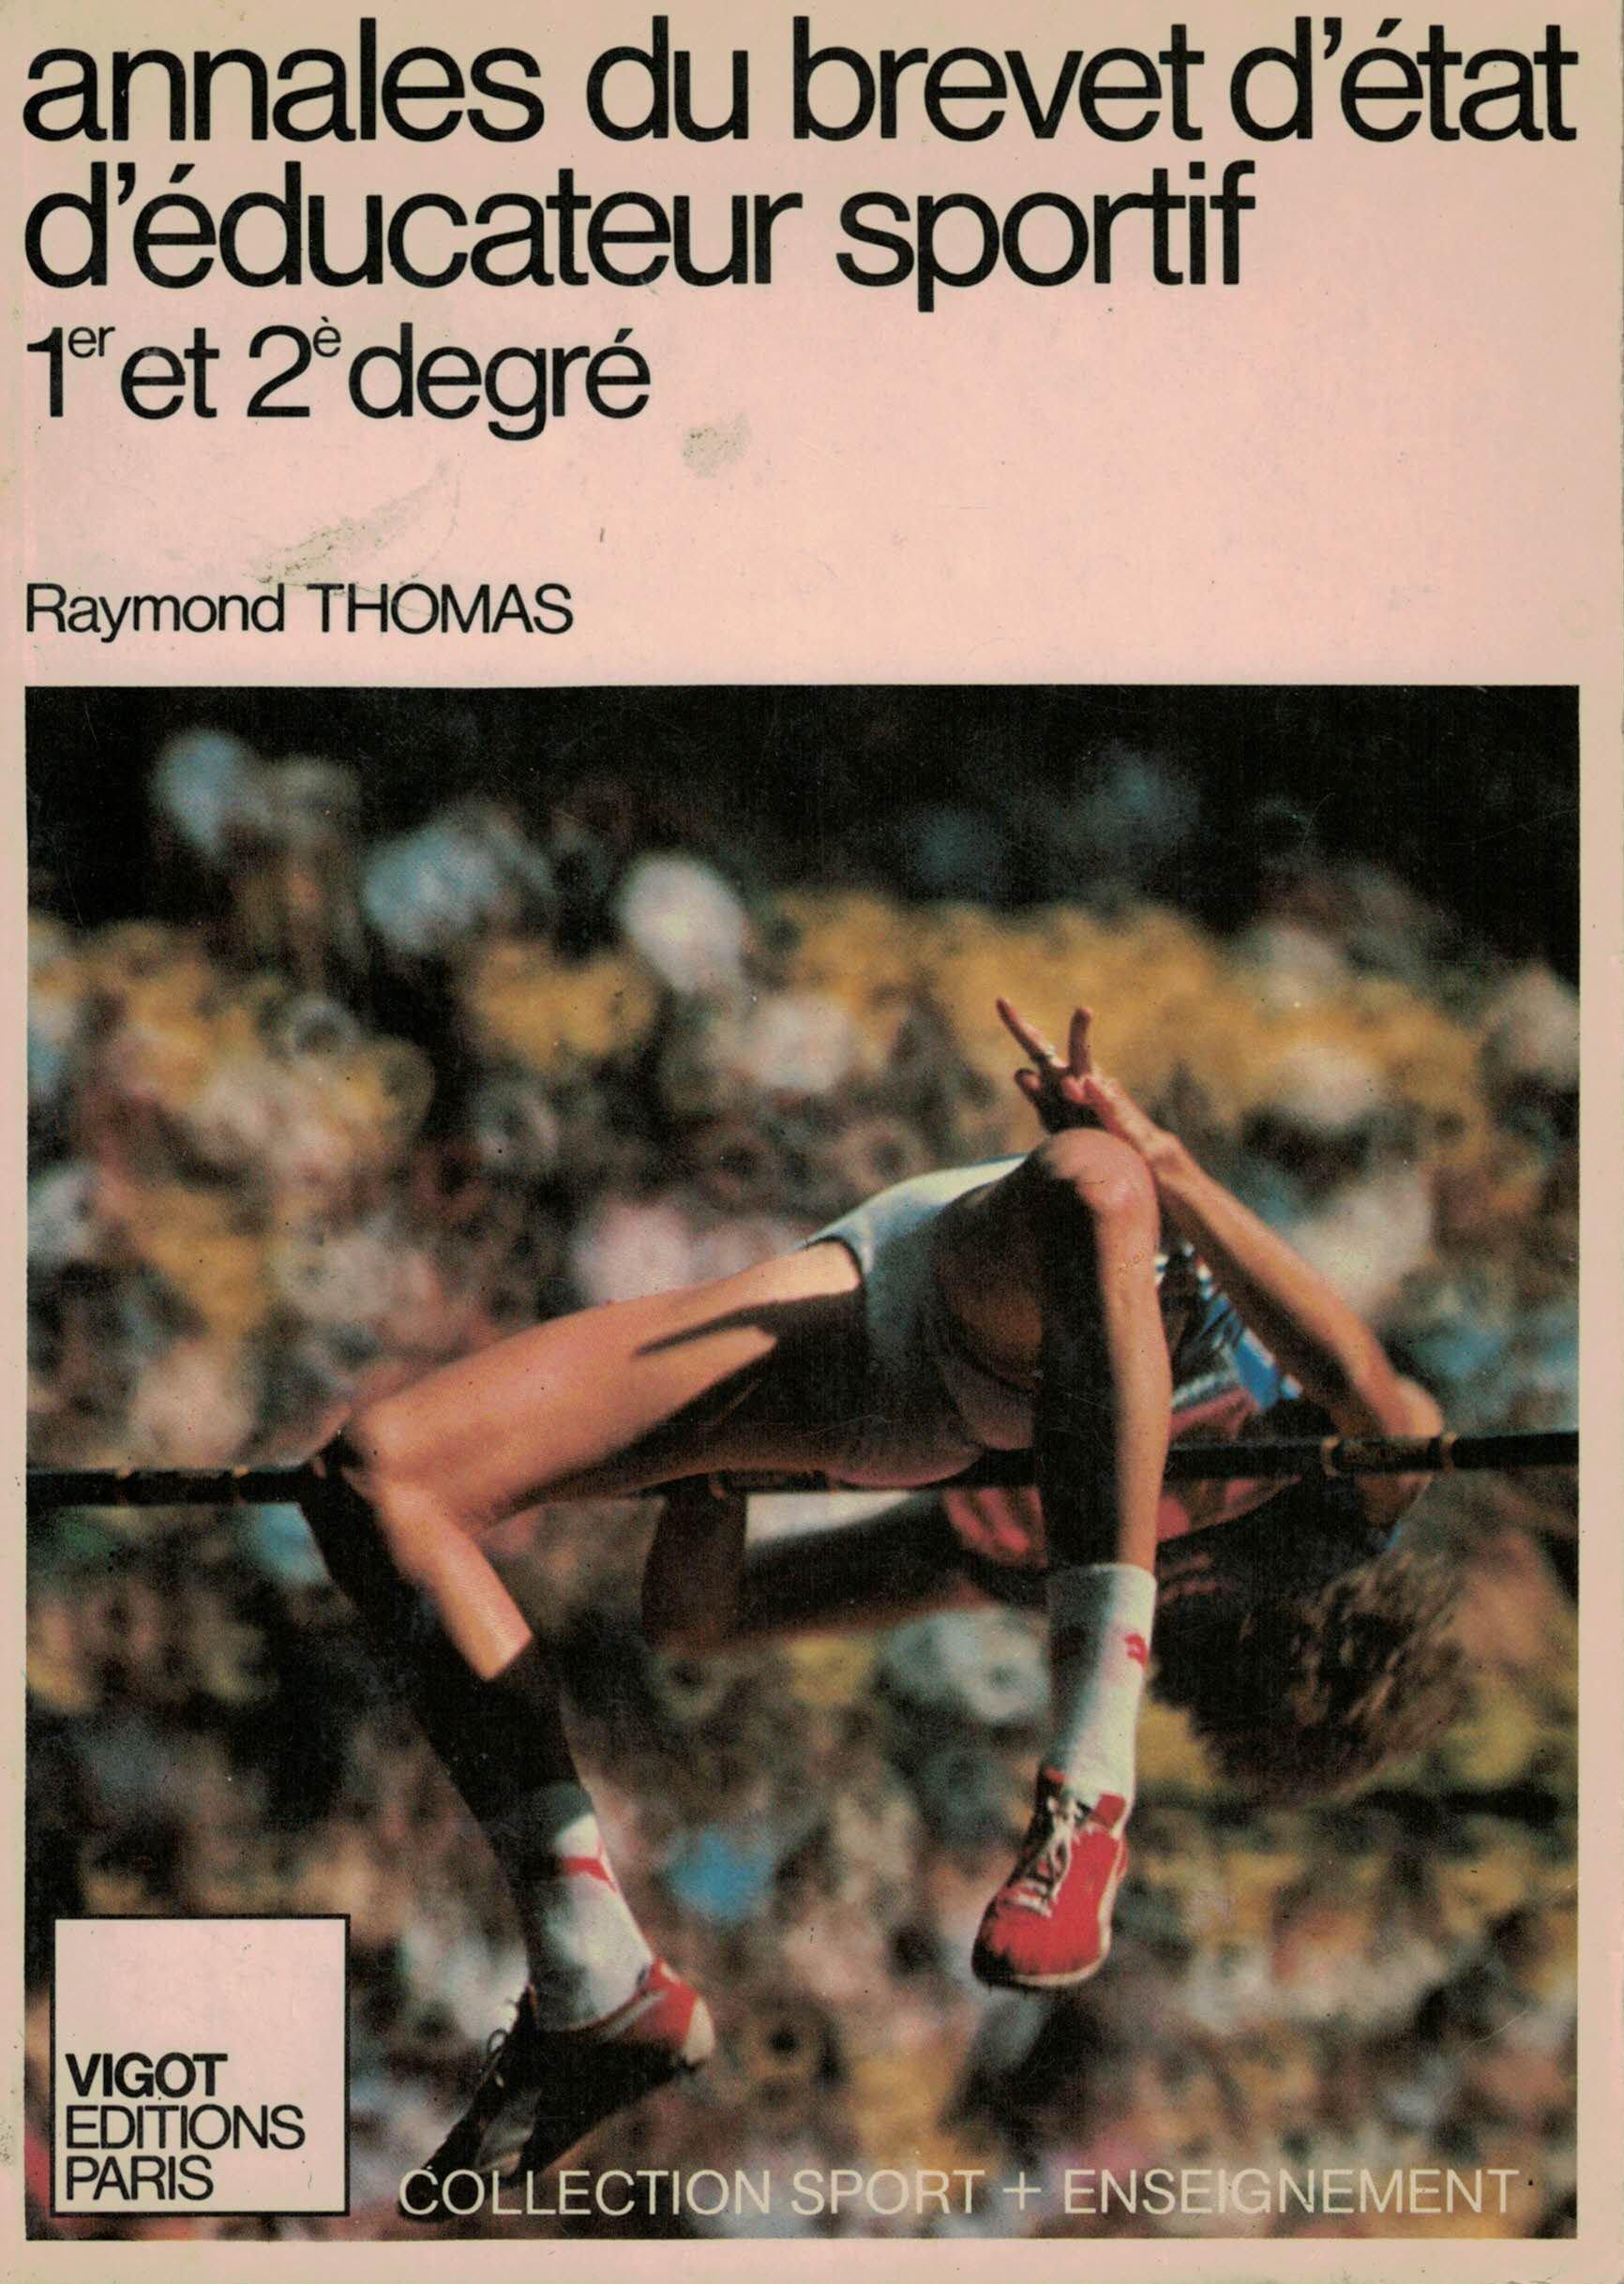 Annales du brevet d'état d'éducateur sportif 1er et 2e degré (Collection Sport + enseignement) Reliure inconnue – 1986 Raymond Thomas Vigot 2711410056